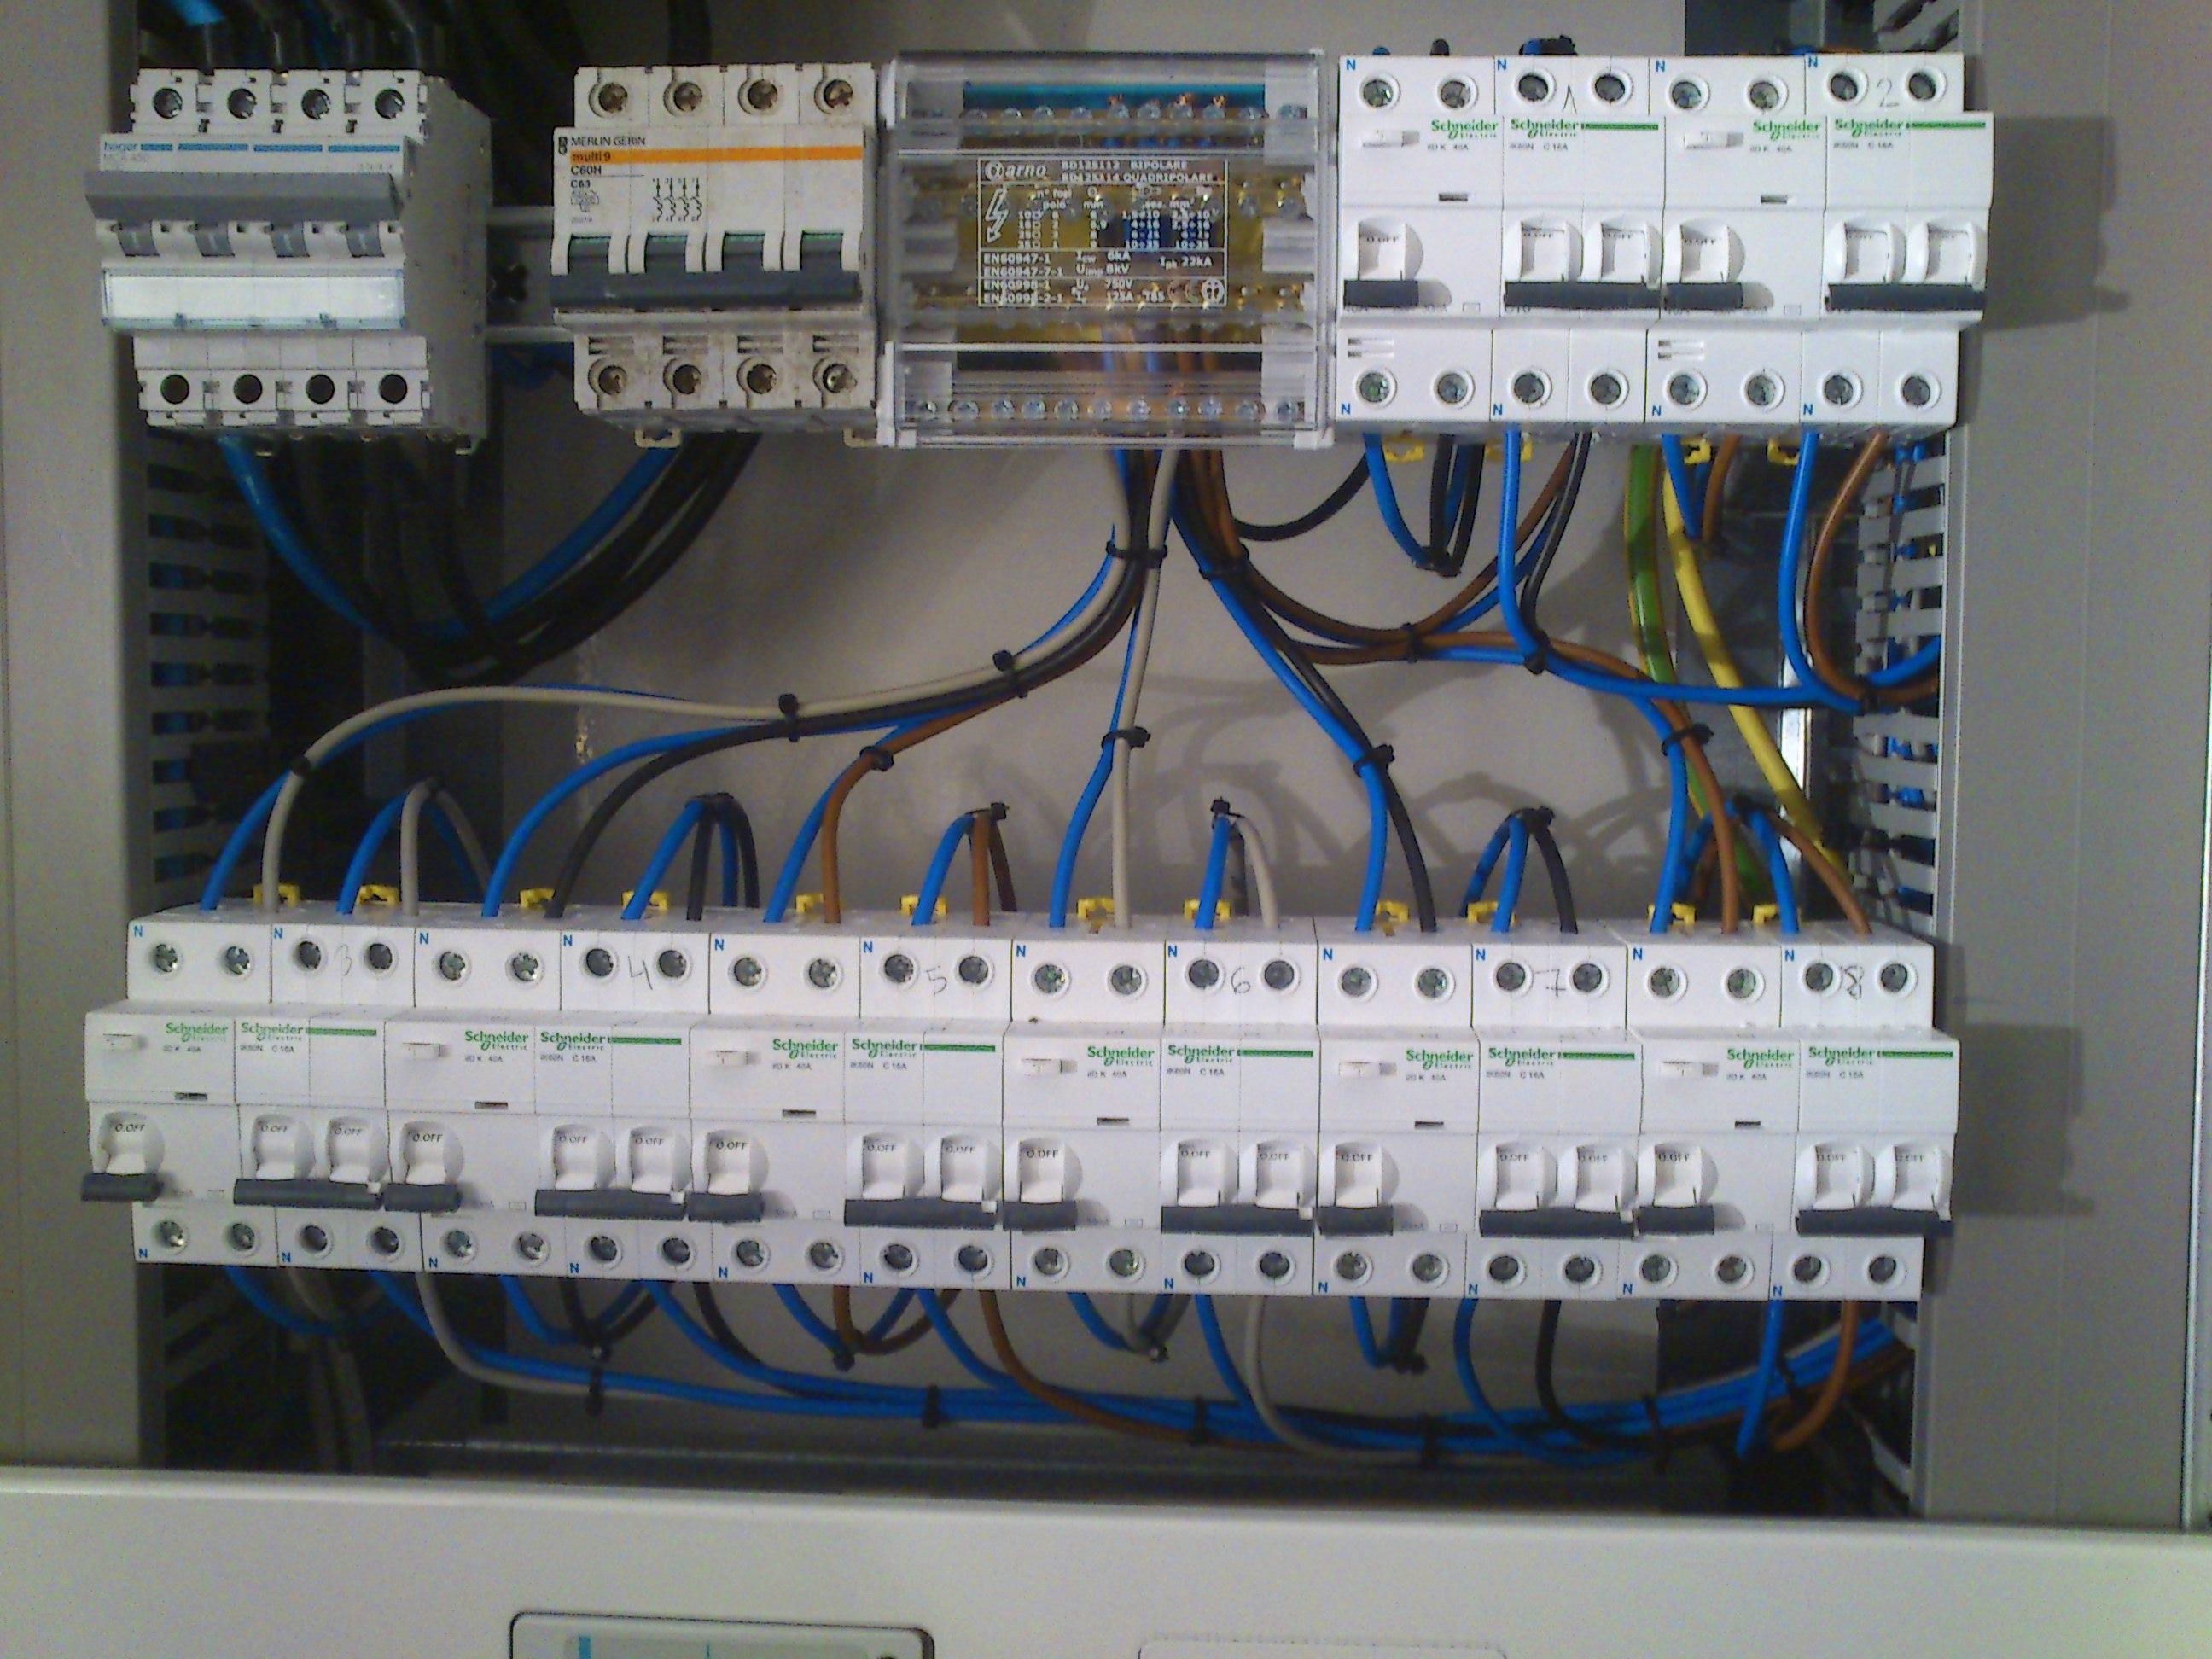 A Elèctrica Antonio reparació electrodomèstics Andorra 24 hores som especialistes en electricitat, aigua, refrigeració i climatització, líquids, gasos, energies renovables, il·luminació exterior, il·luminació exterior i contractes de manteniment amb garantia de servei 24 hores.